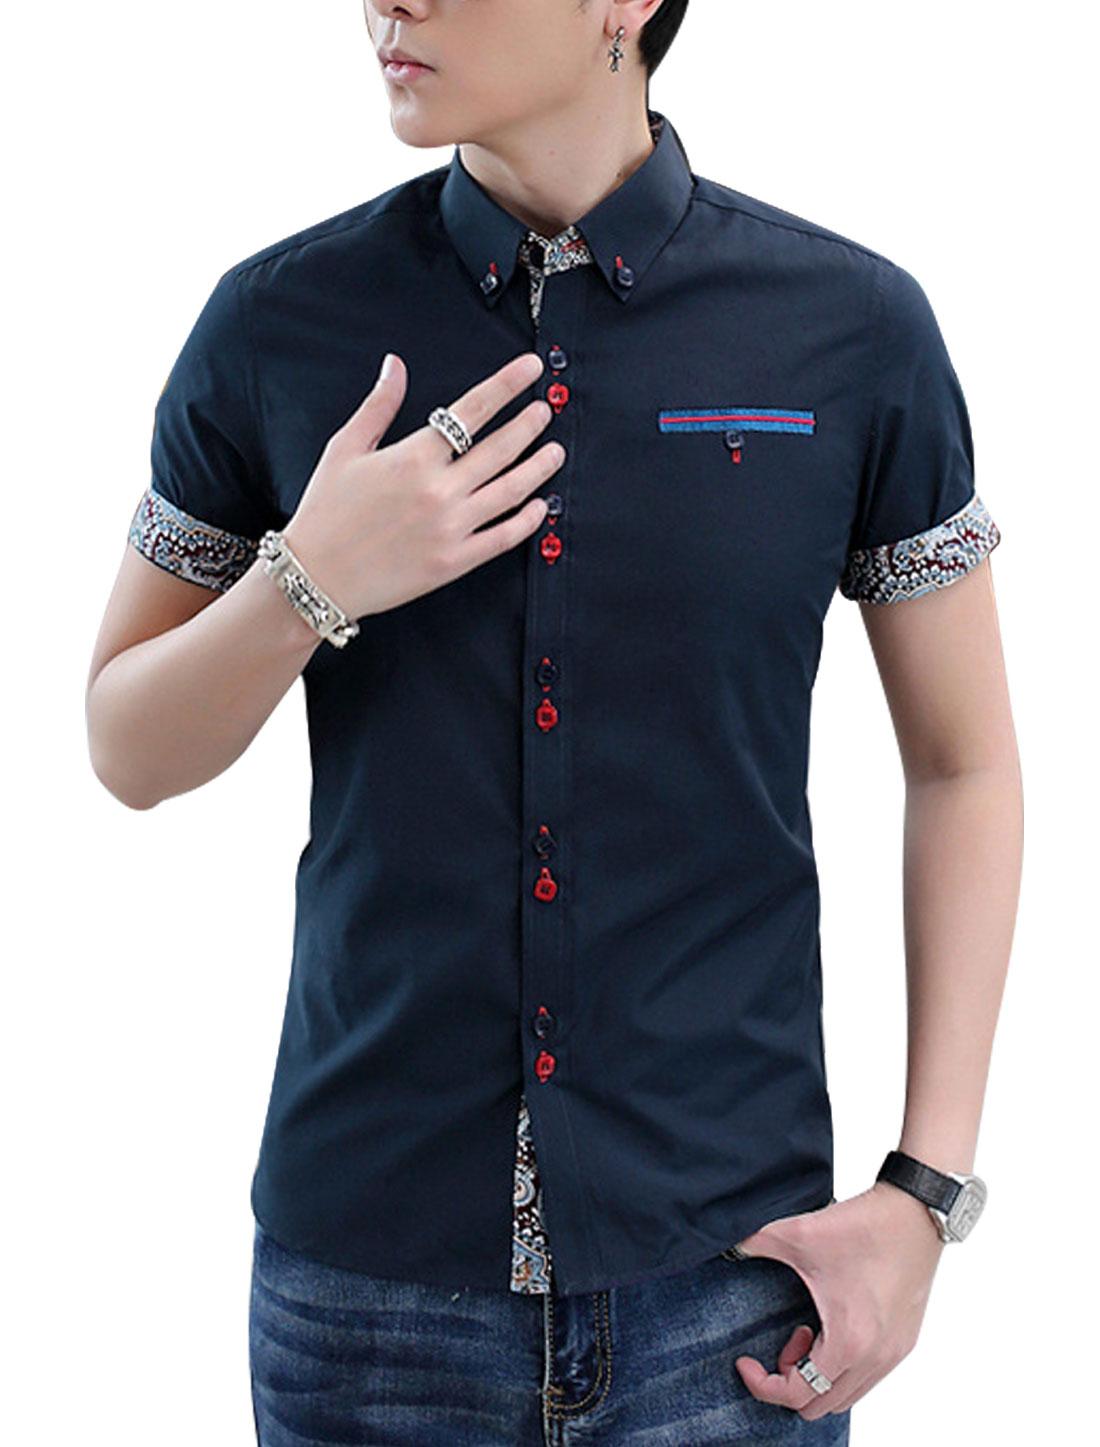 Man Point Collar Button Up Mock Welt Pocket Well-fitting Shirt Navy Blue M